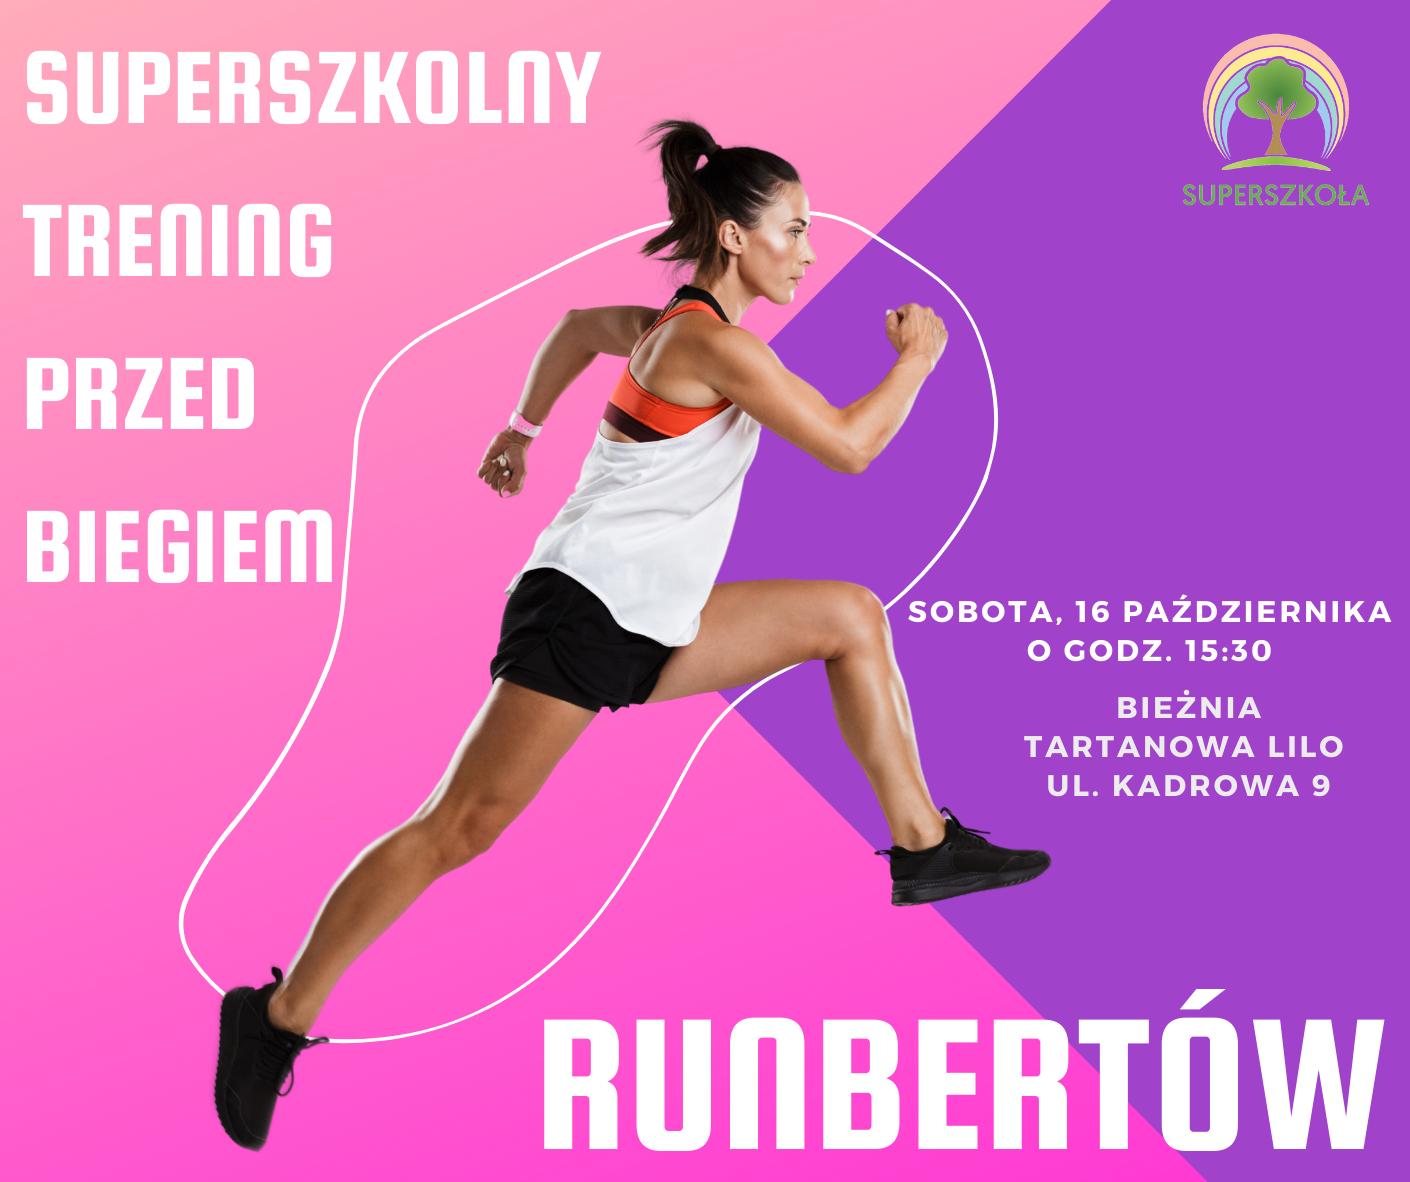 Runbertów_(1)